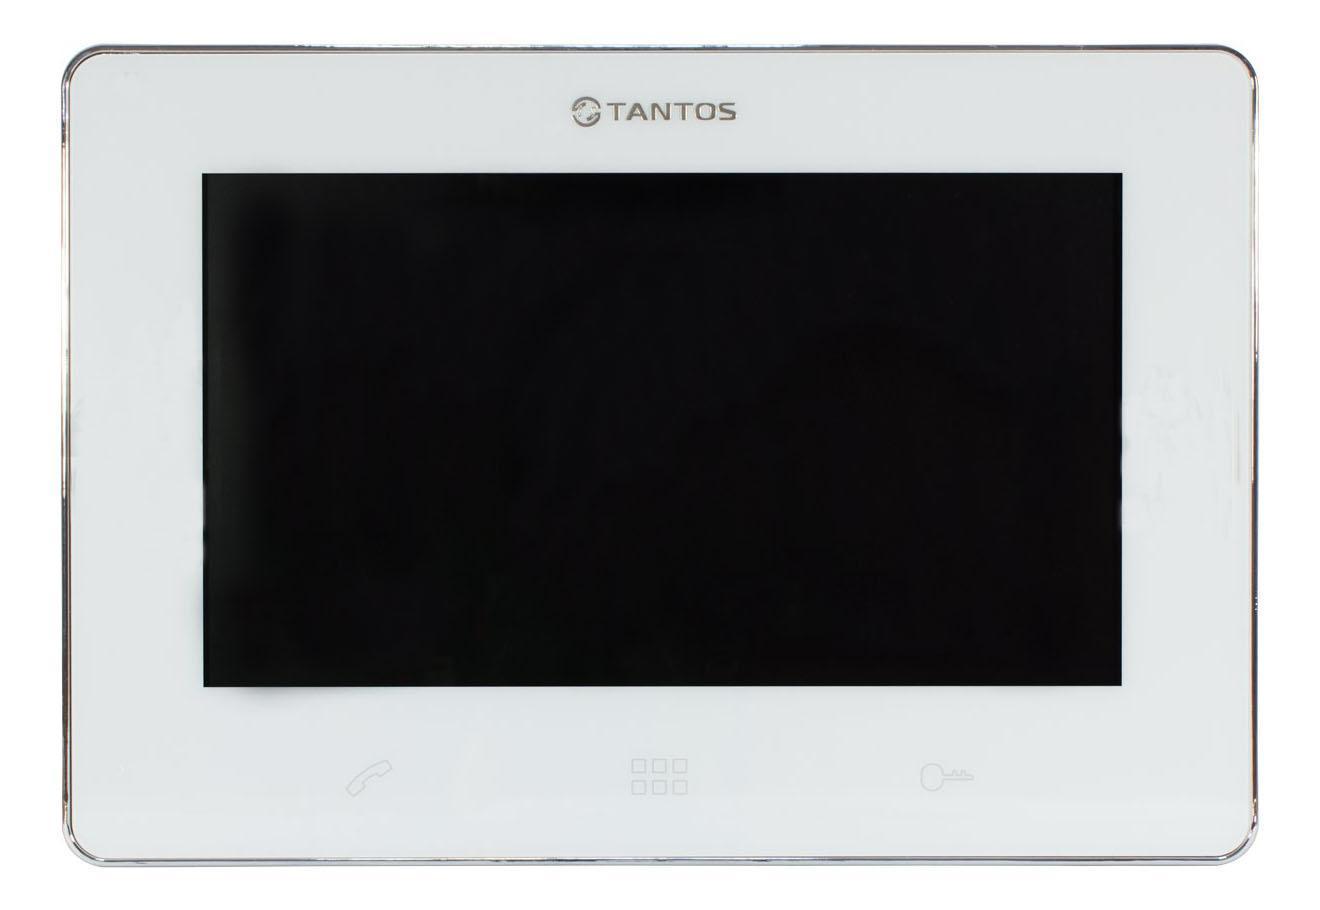 Tantos Stark, White видеодомофонStark (White)Дизайн монитора прост и изящен, его сенсорный экран 9 дюймов позволяет общаться с монитором, как со смартфоном.Значки меню выполнены подобно значкам меню современных смартфонов. Подключение 2-х вызывных панелей и 2-х видеокамерВозможность подключения до 4-м мониторов в одной системе с широкими возможностями адресного интеркома.Возможность открывания замка калитки и ворот при использовании одной вызывной панели при подключении реле TS-NC05.Возможность работы как в индивидуальном, так и в многоквартирном режиме.Совместимость с большинством моделей отечественных вызывных панелей.Голосовая почта, фоторамка, встроенный видеорегистратор (детектор движения на 1 канал).Возможность установки мелодии в формате MP3 в качестве сигнала вызова.